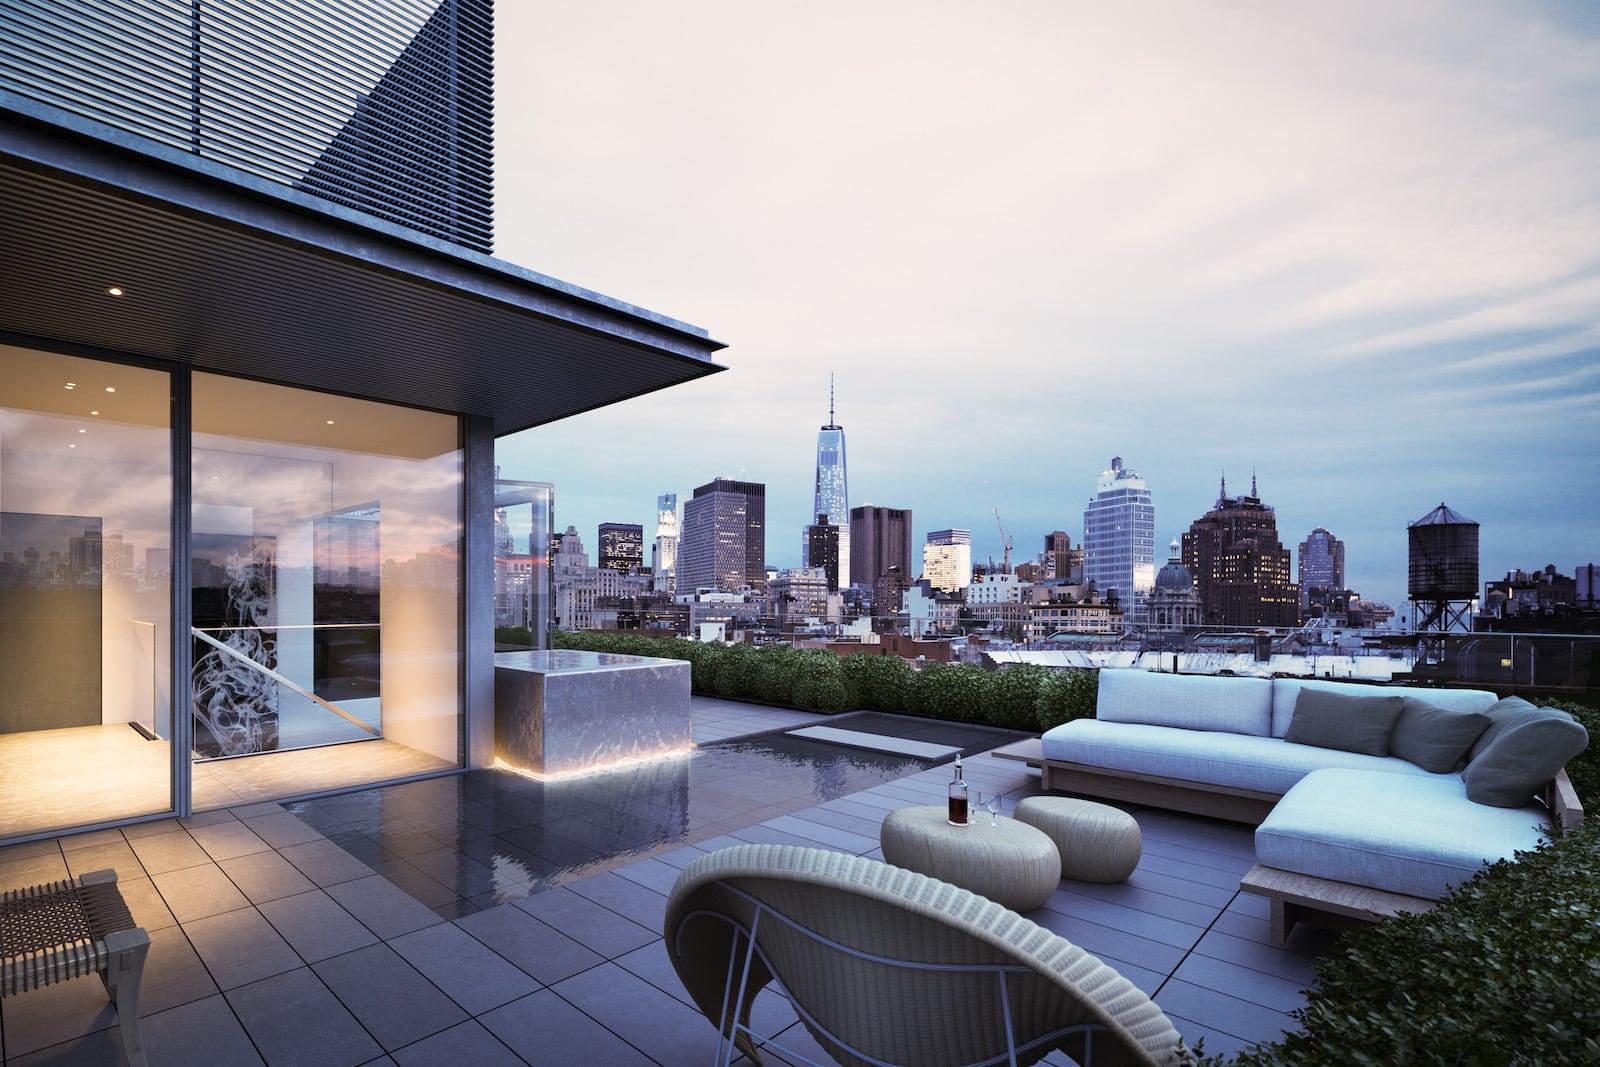 Das tadao penthouse in new york von tadao ando mr.goodlife